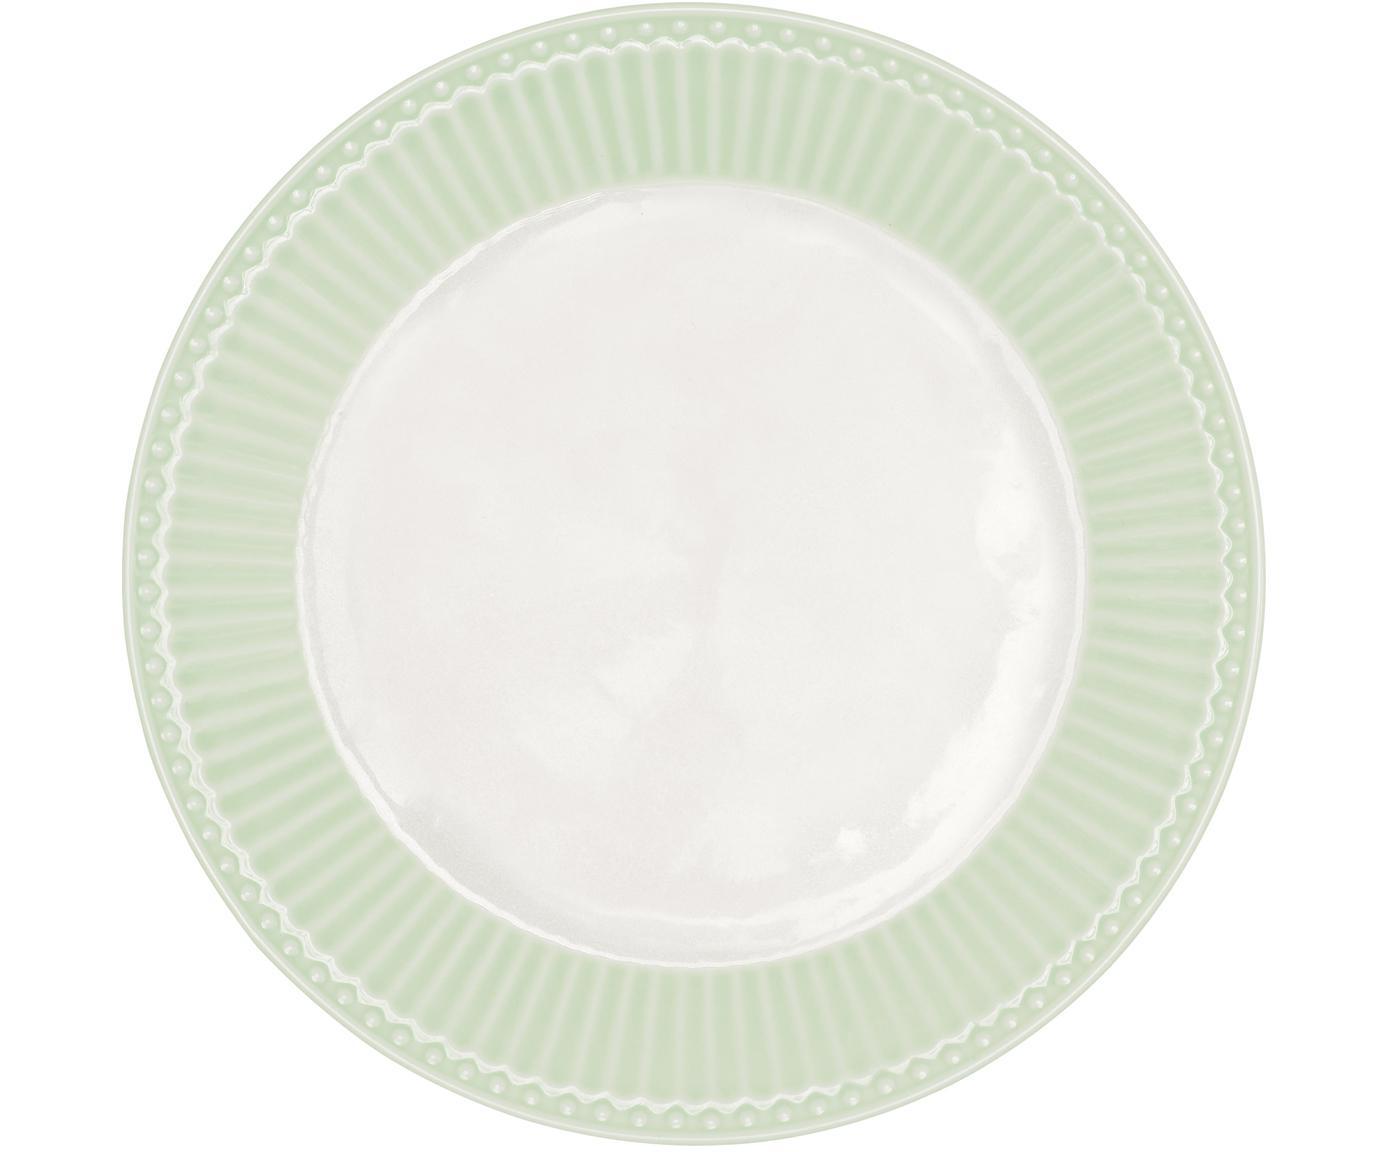 Piatto piano Alice 2 pz, Porcellana, Verde menta, bianco, Ø 23 cm